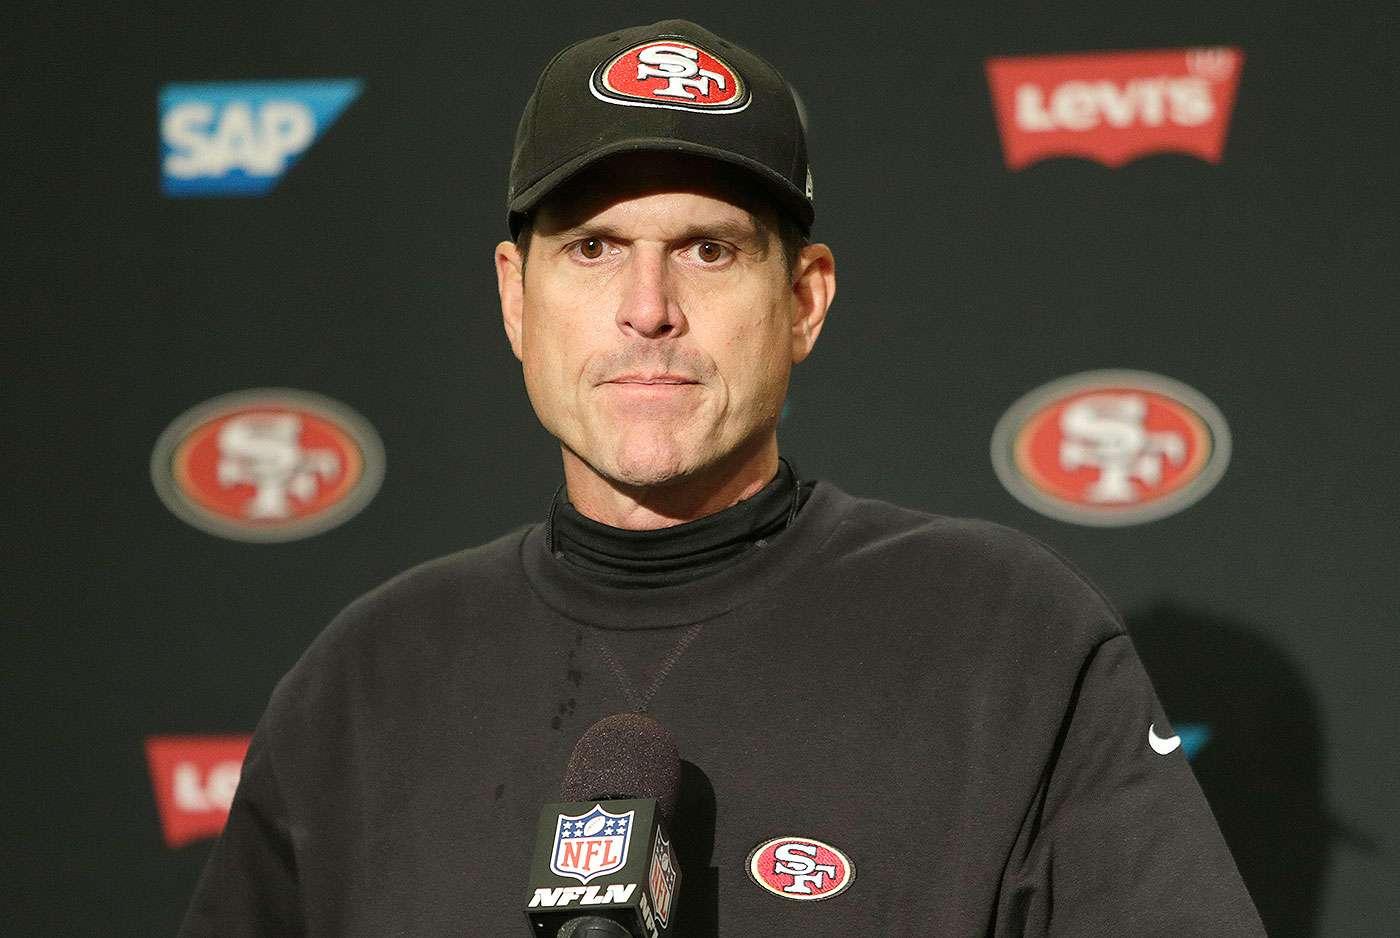 Jim Harbaugh, entrenador en jefe de los San Francisco 49ers. Foto: John Froschauer/AP